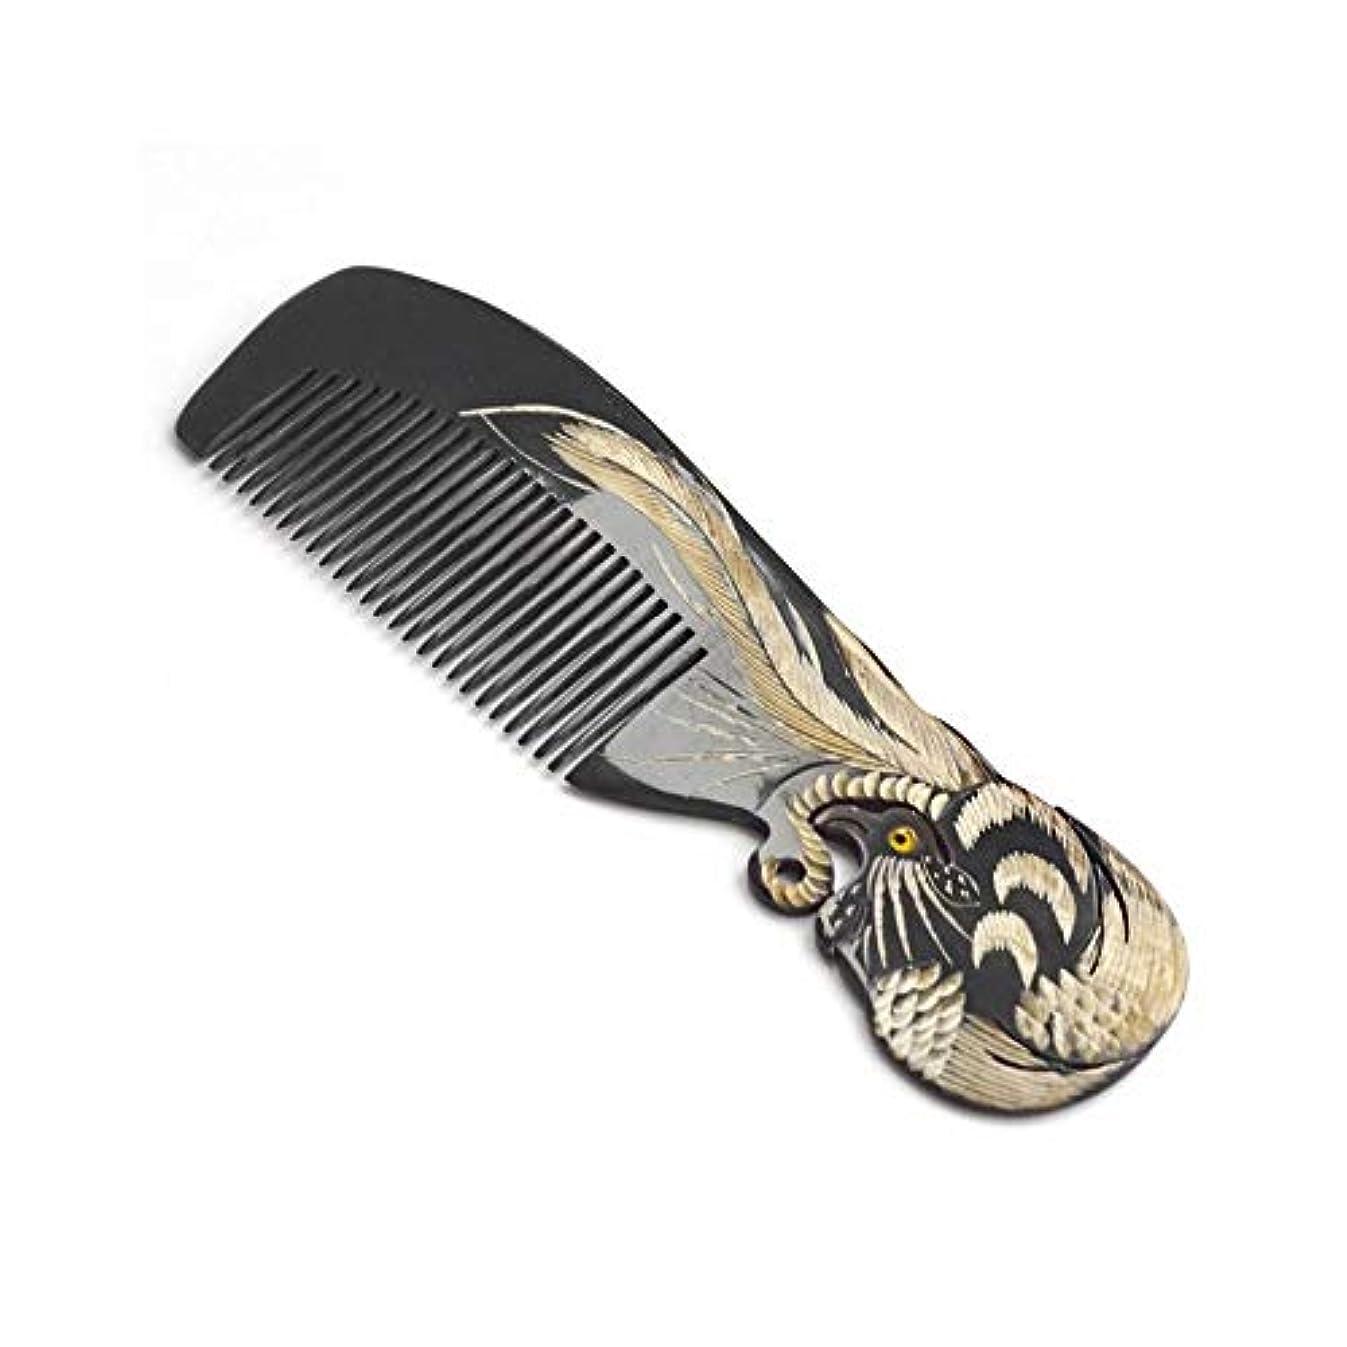 両方ファブリック休憩するZYDP 黒髪の櫛の反静的な木の良い歯の櫛 - 天然水牛の角の櫛の孔雀のデザイン (色 : 099B)